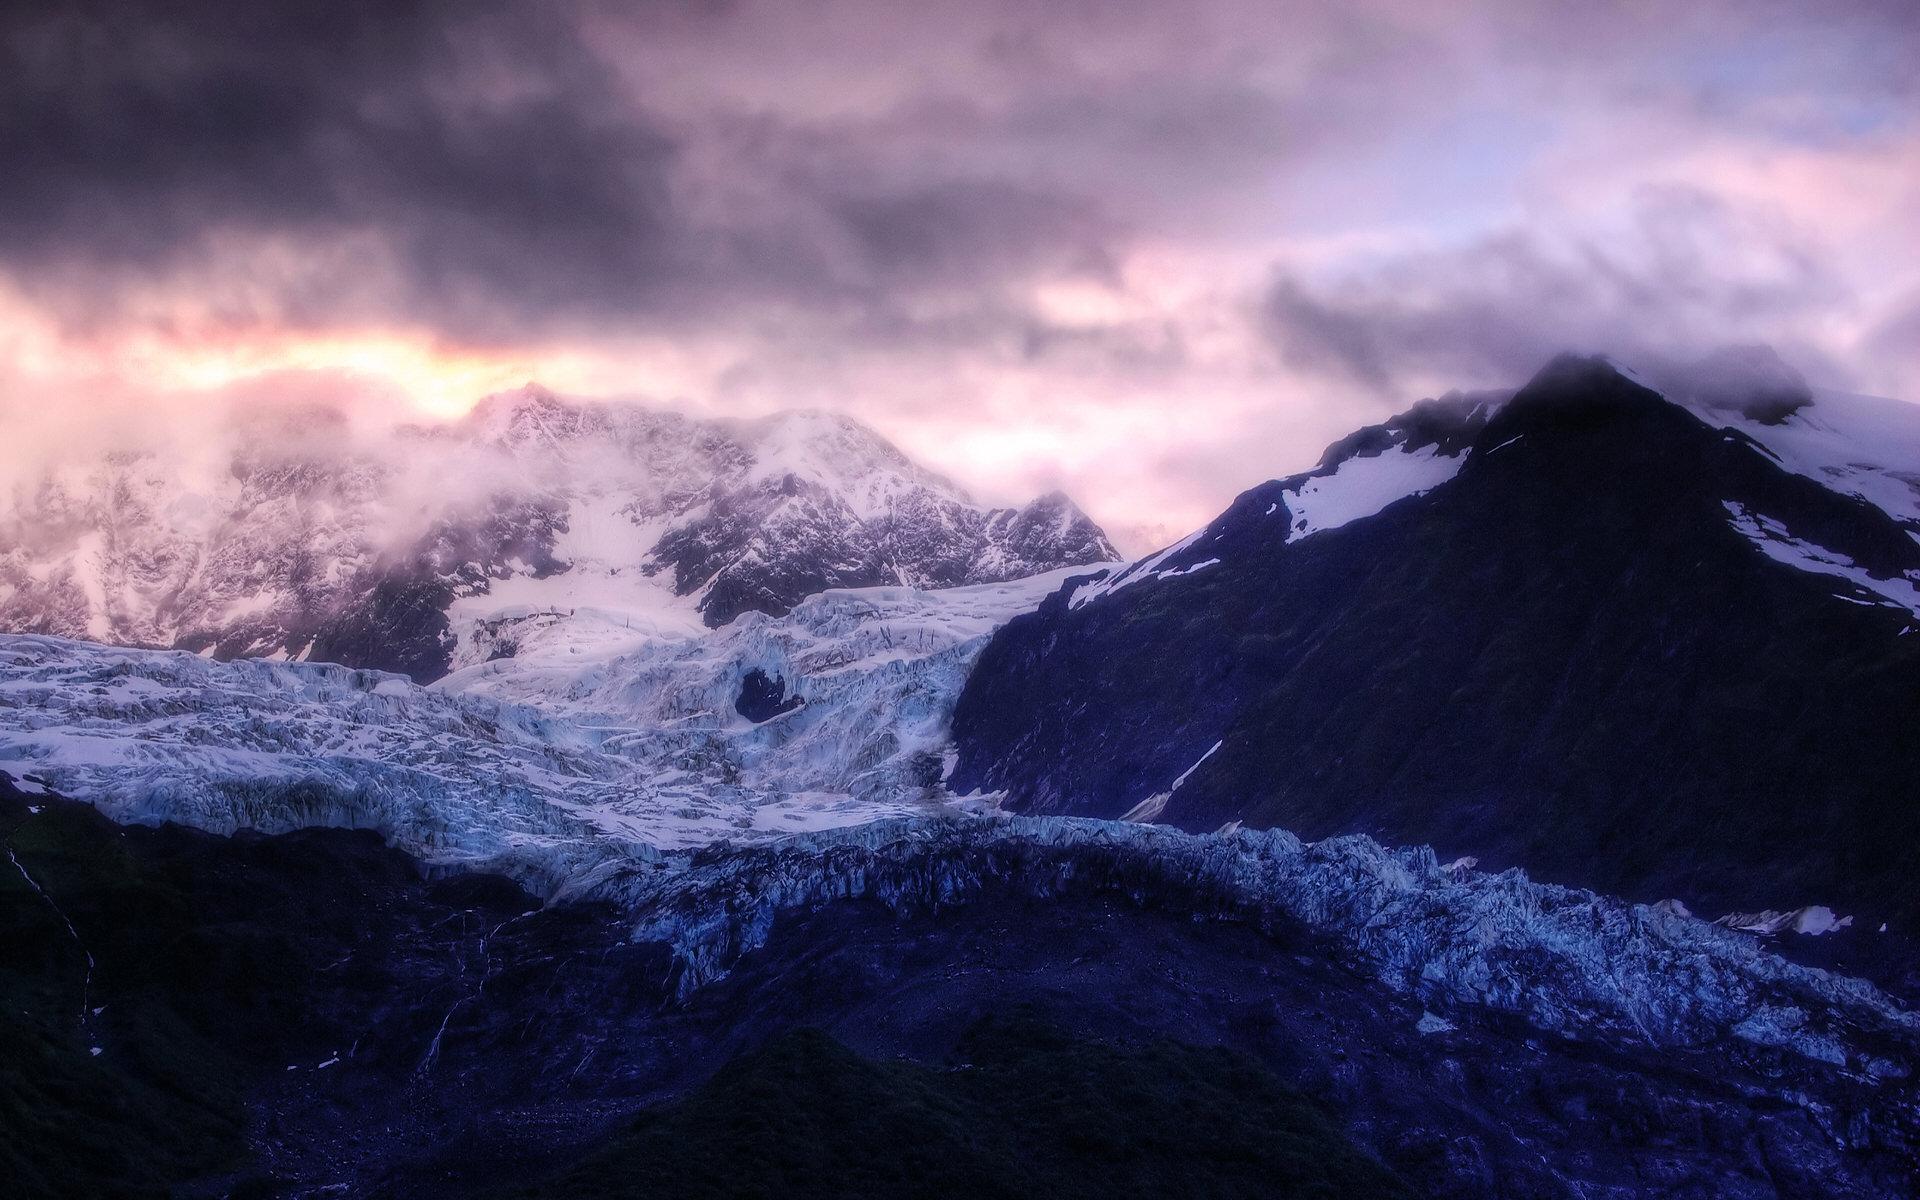 冰川日出高清壁纸